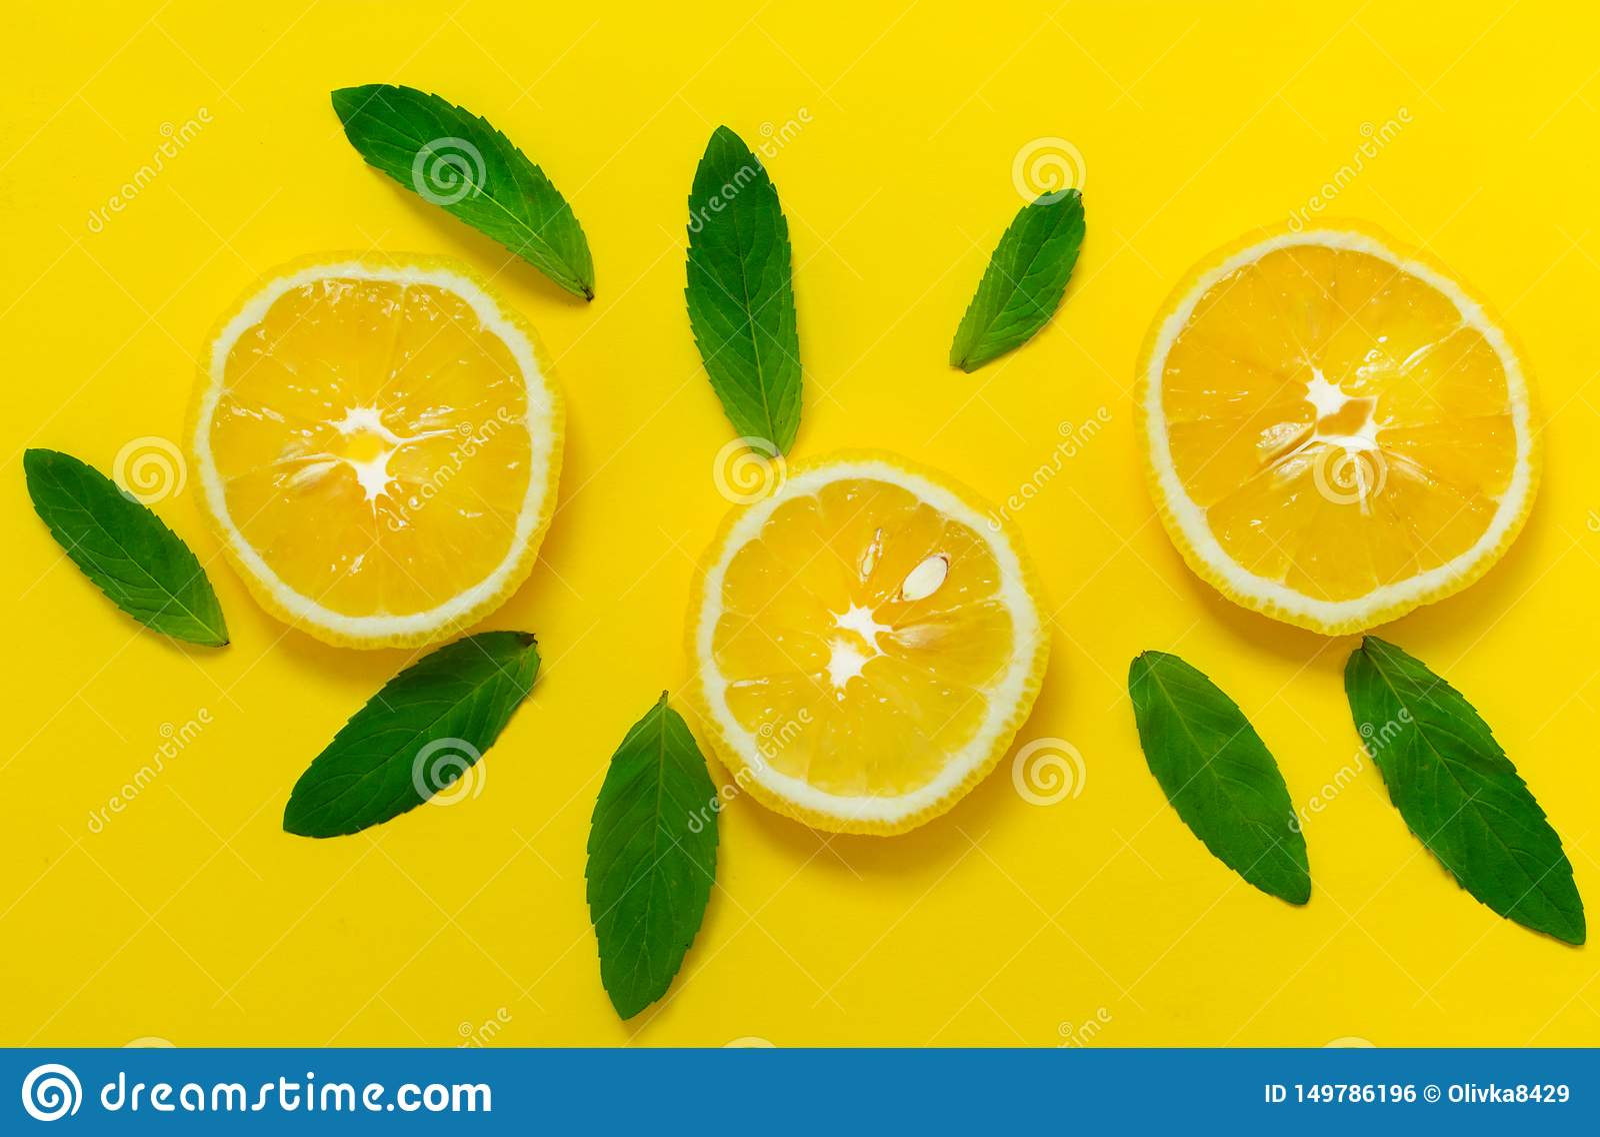 Отрезанные листья лимона и мяты на яркой желтой предпосылке Предпосылка для дизайна знамен, вебсайтов